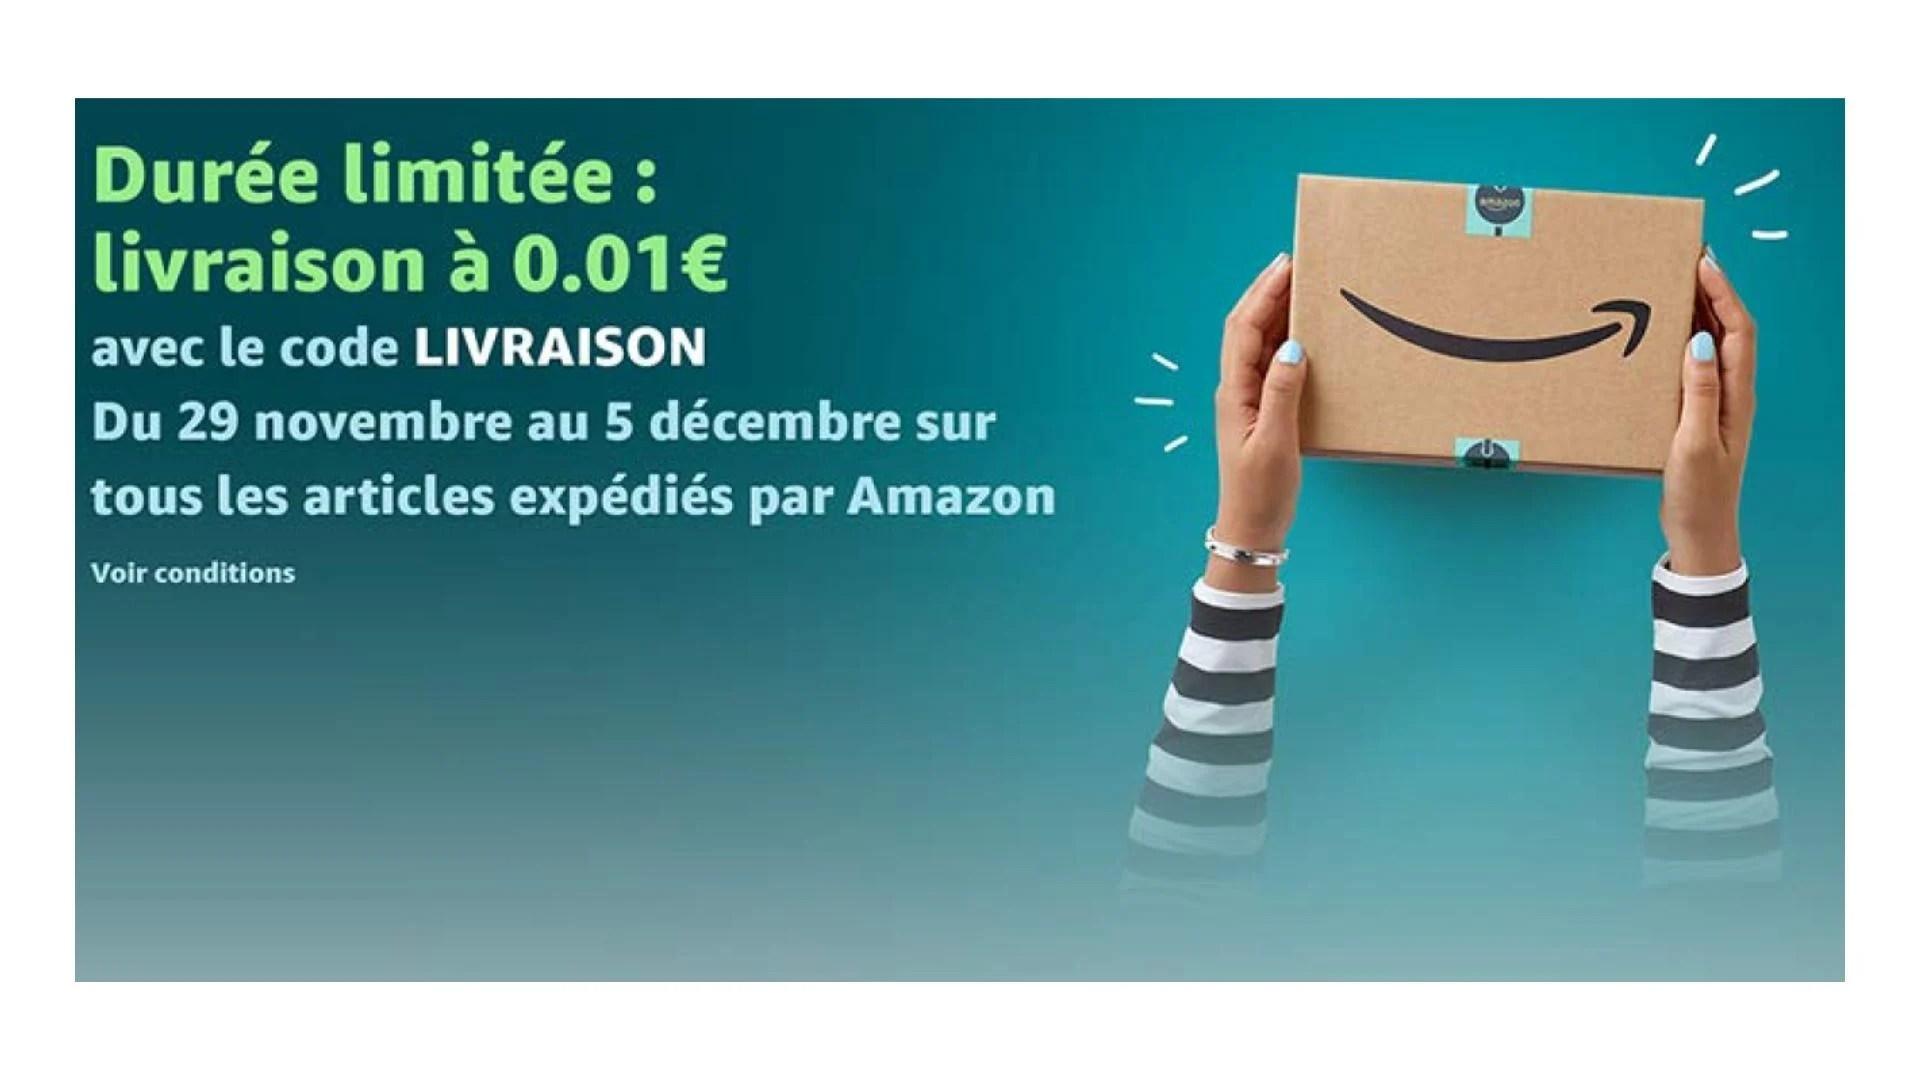 🔥 Derniers jours : la livraison rapide est à 0,01 euros sur Amazon pour tous les clients jusqu'au 5 décembre